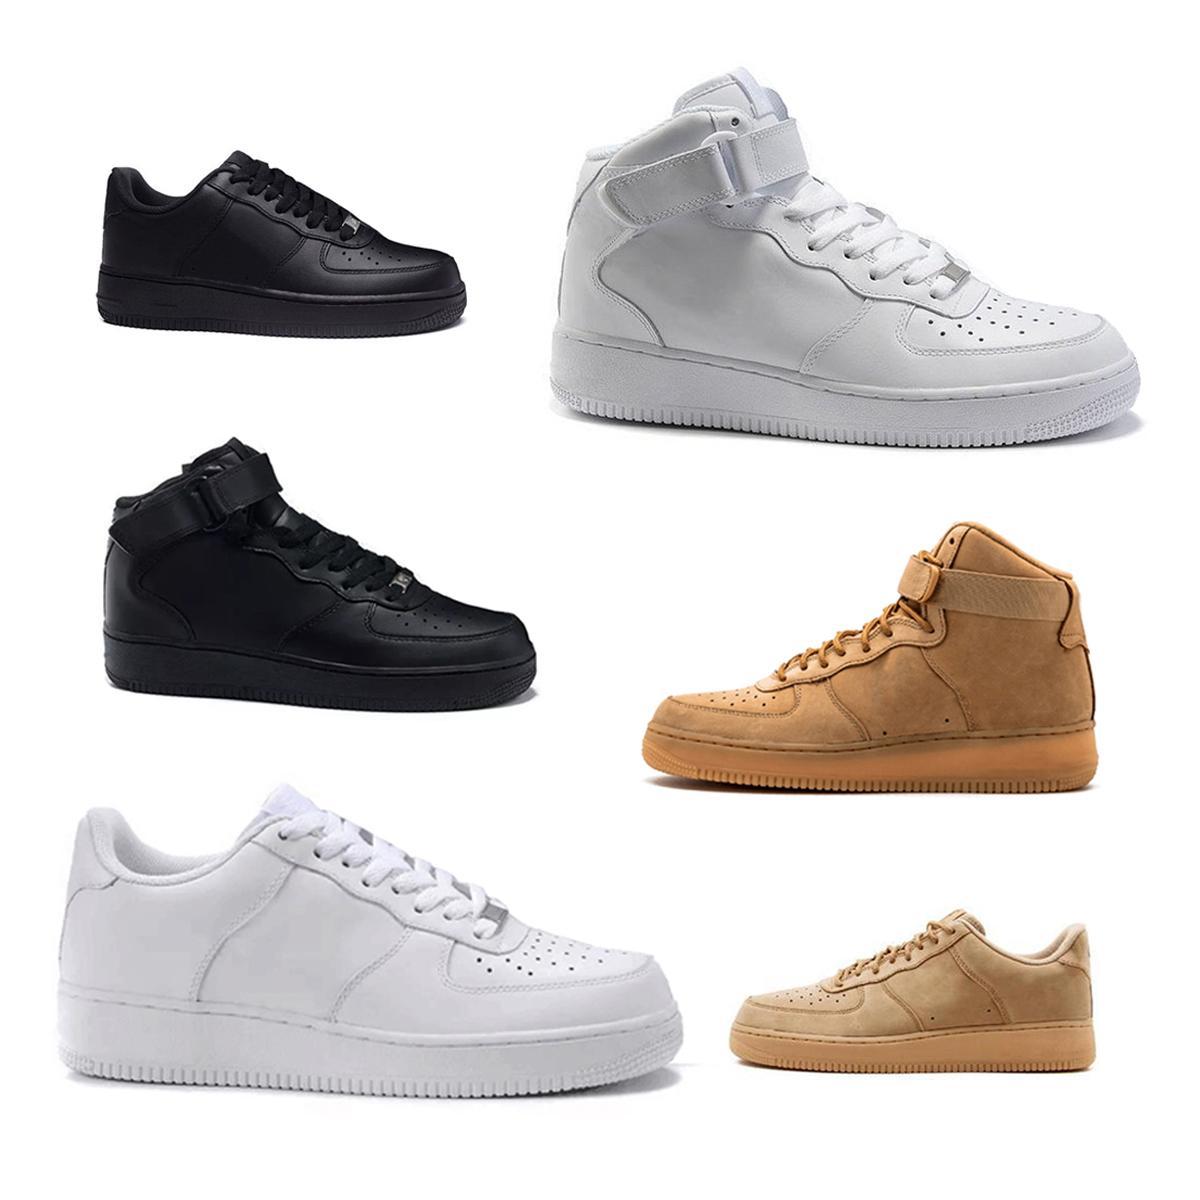 Nike Air Force one 1 AF1 أسود أبيض أحذية كرة السلة للرجال 1s المرأة أزياء الرياضة في الهواء الطلق المدربين أحذية رياضية حذاء رياضي